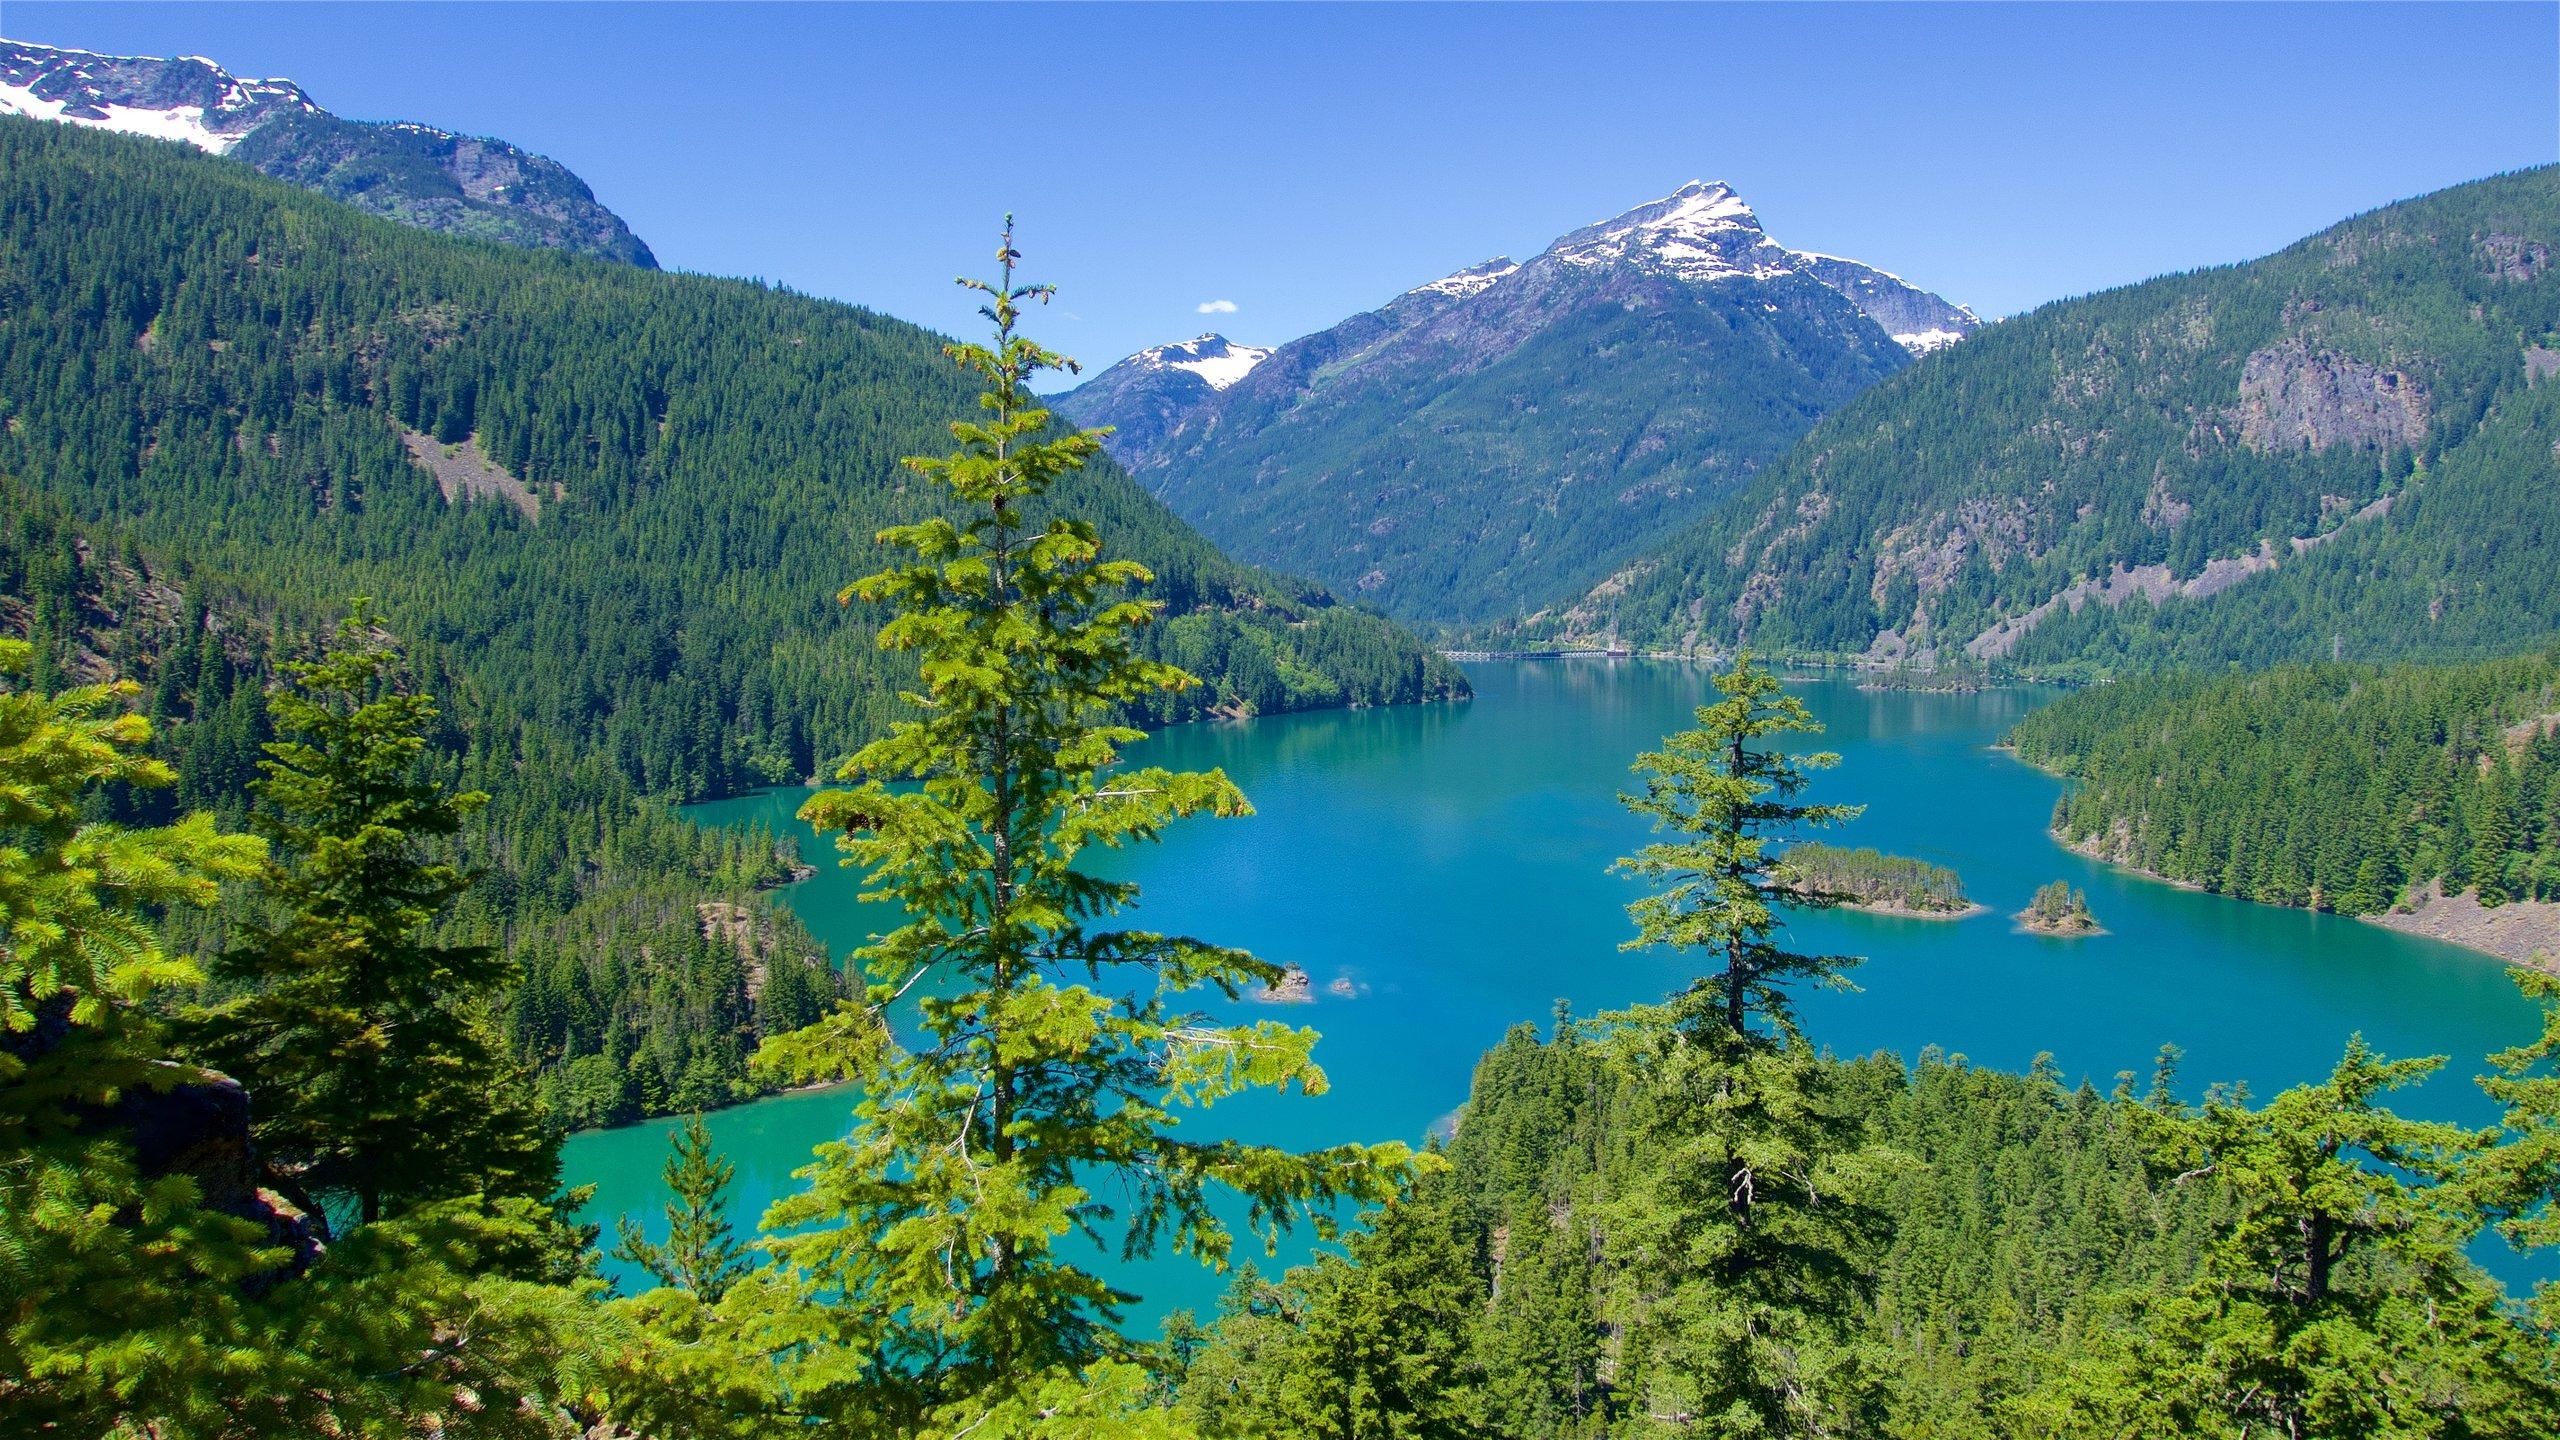 Park Narodowy North Cascades, Waszyngton, Stany Zjednoczone